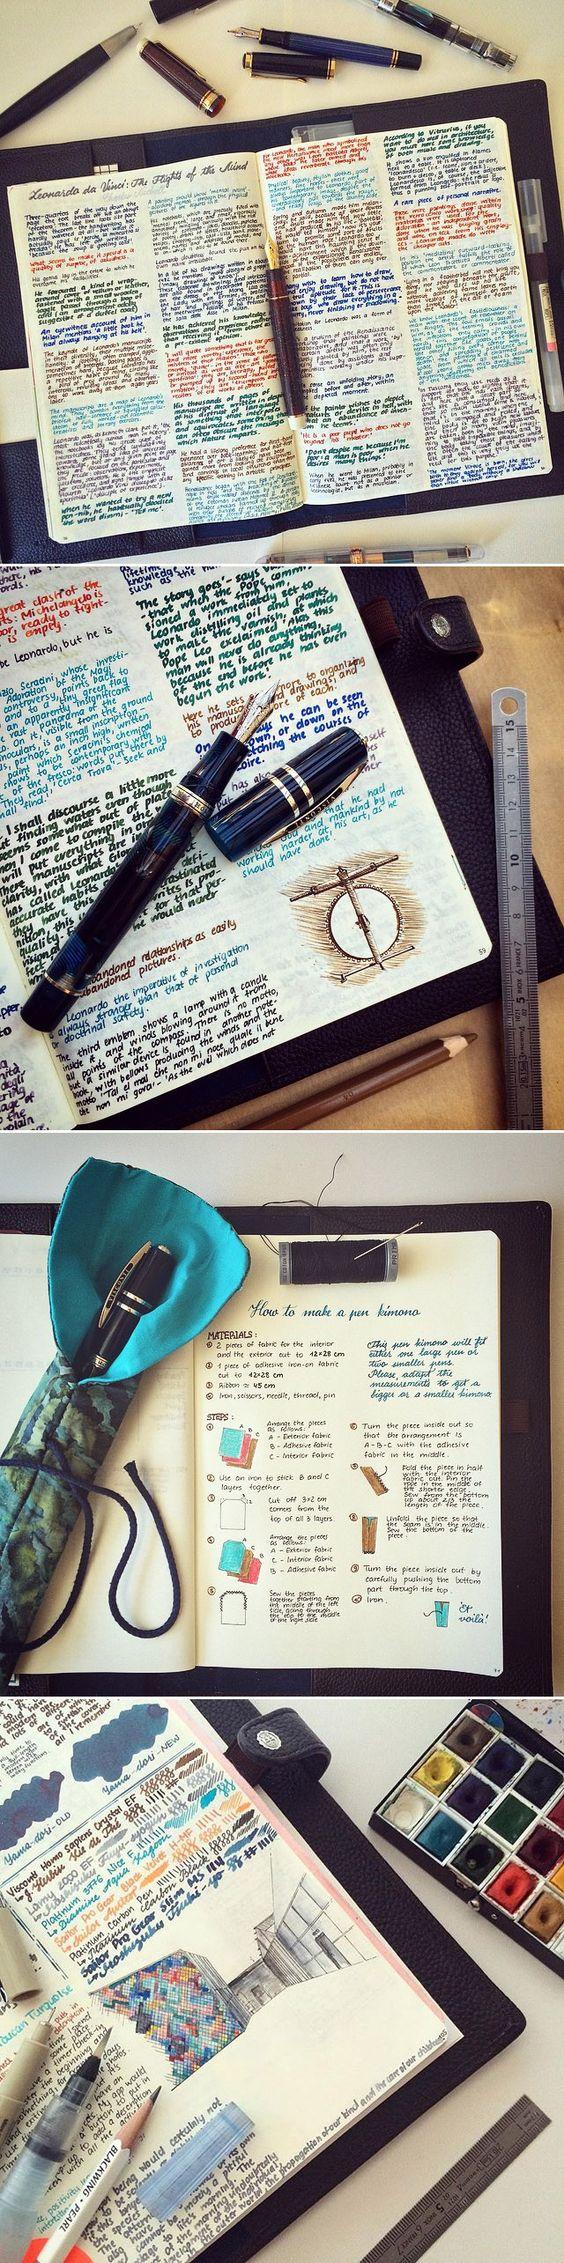 Kolla in...en dagbok som ser ut som en tavla.